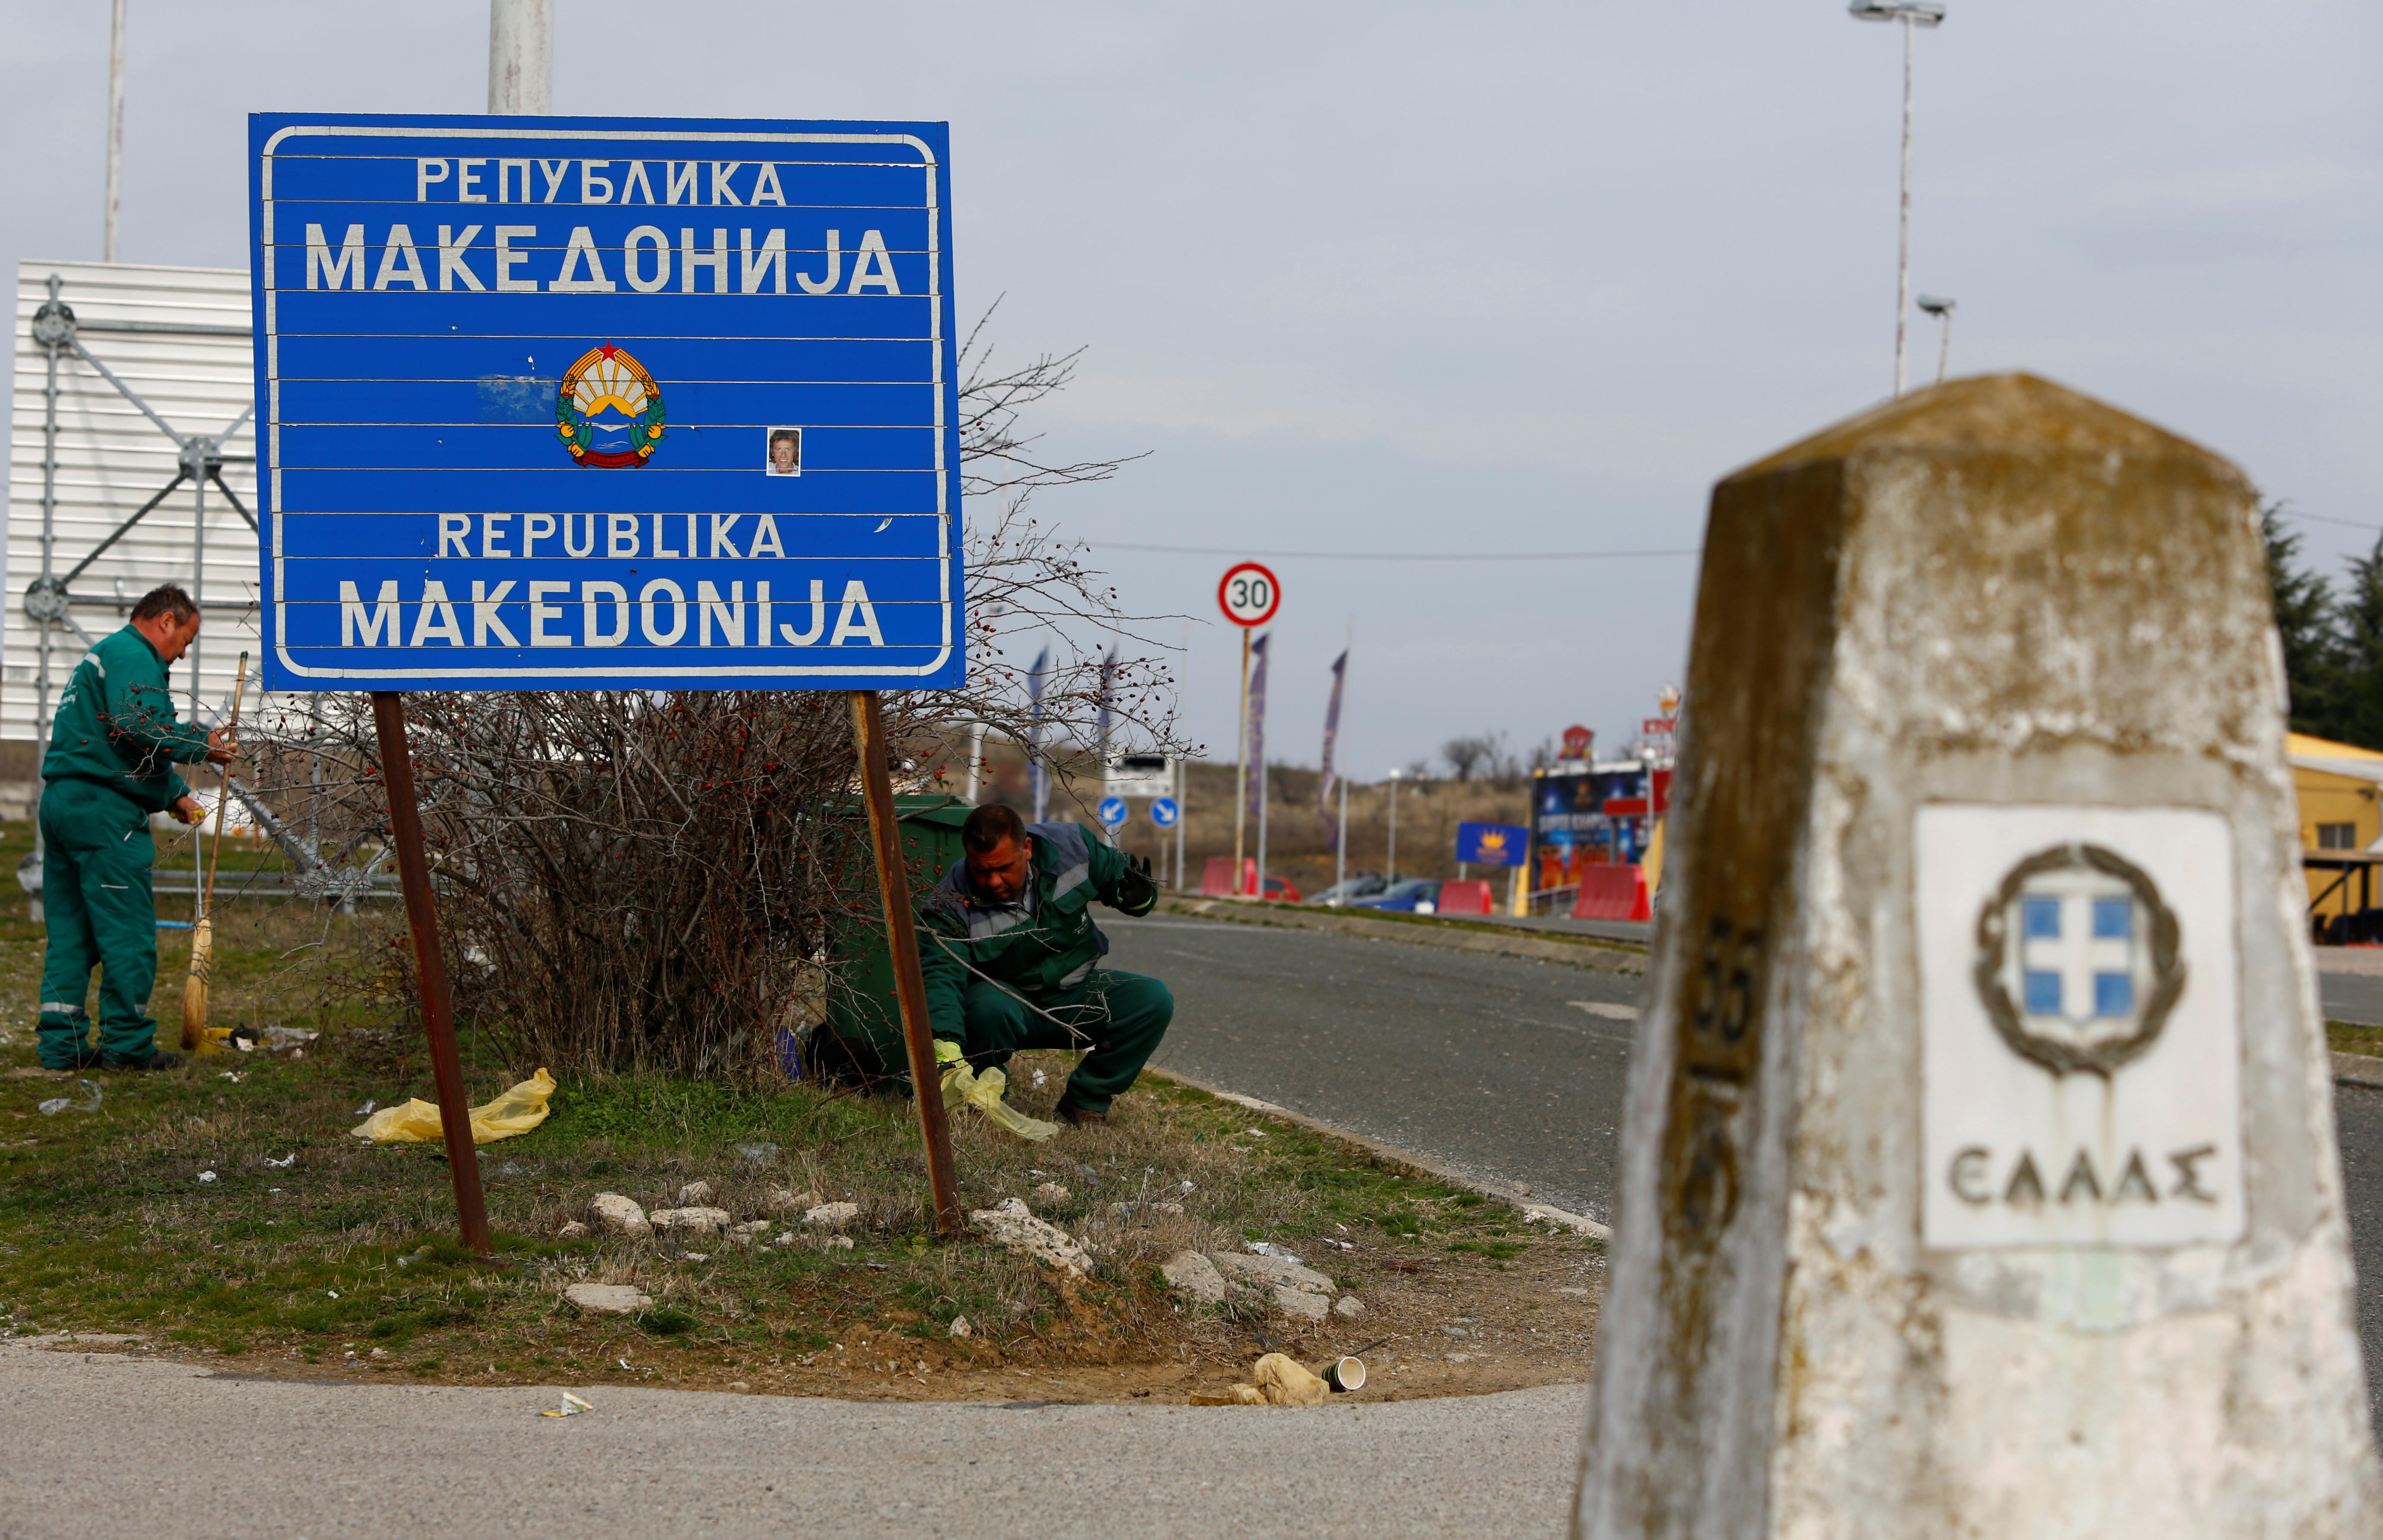 Pelos menos 13 mortos em acidente com autocarro na Macedónia do Norte